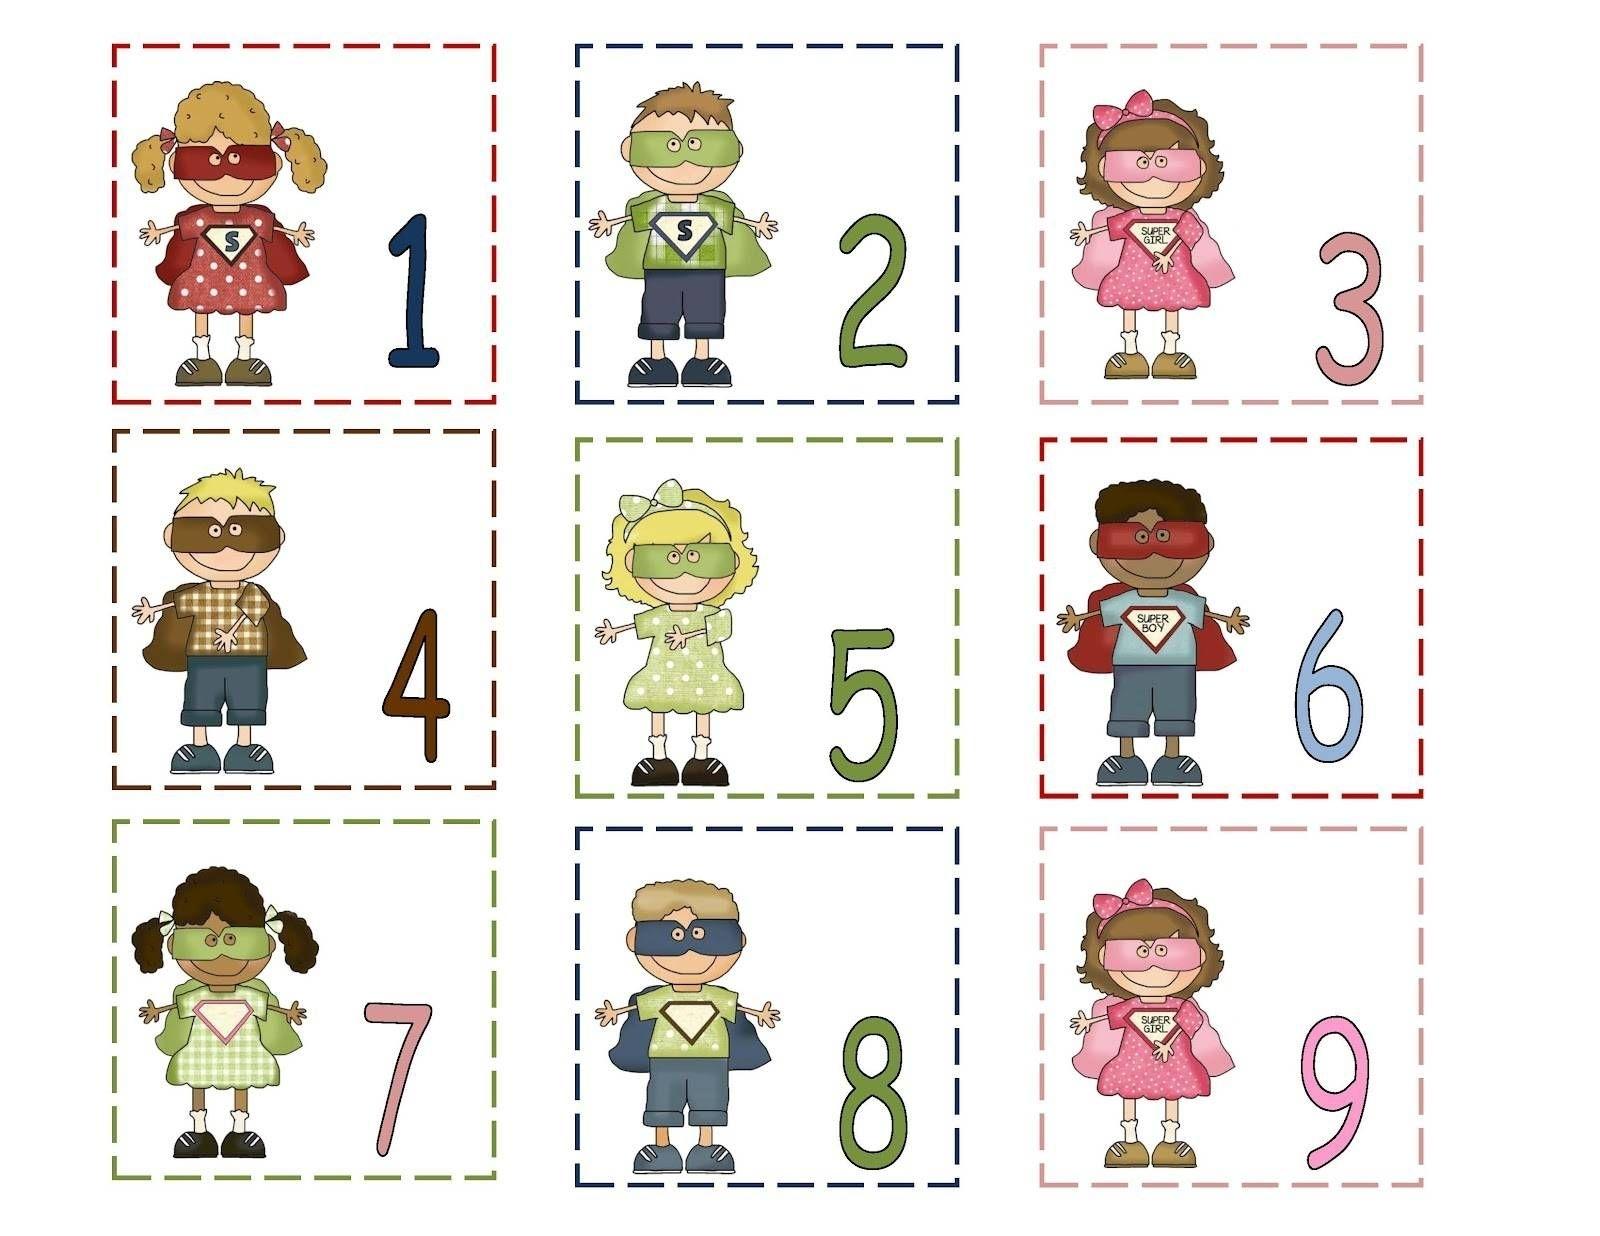 Free Printable Calendar Numbers 1-31 | 1 | Preschool Printables with Large Printable Calendar Numbers 1-31